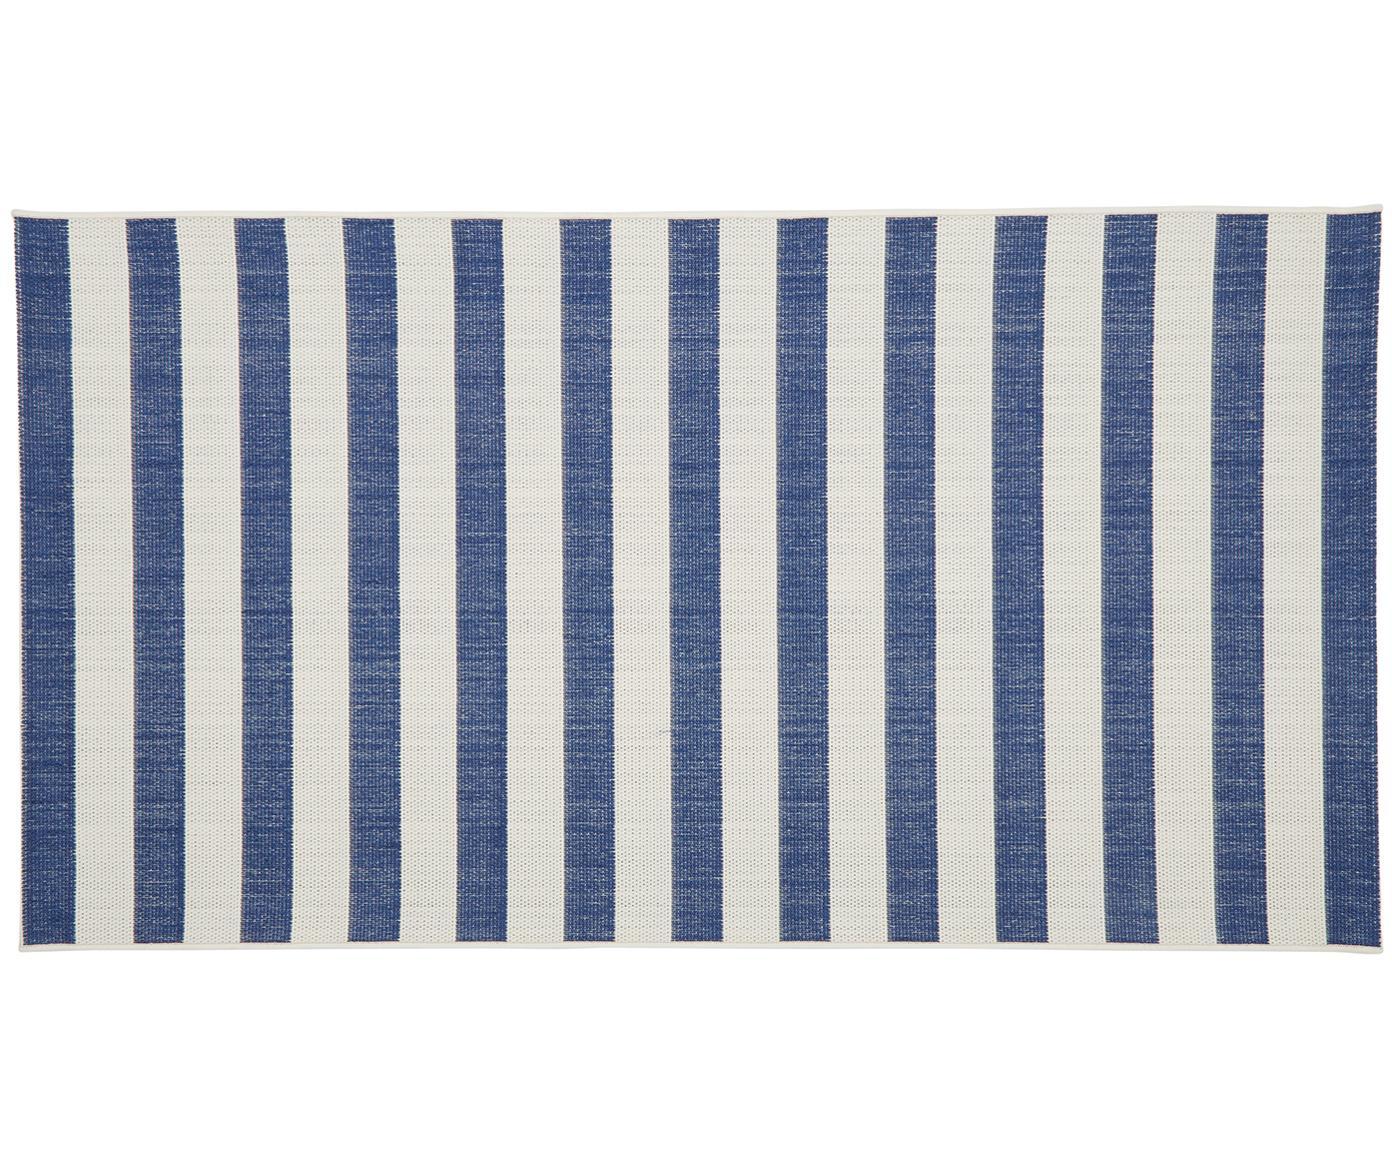 Dywan wewnętrzny/zewnętrzny Axa, Kremowobiały, niebieski, S 80 x D 150 cm (Rozmiar XS)